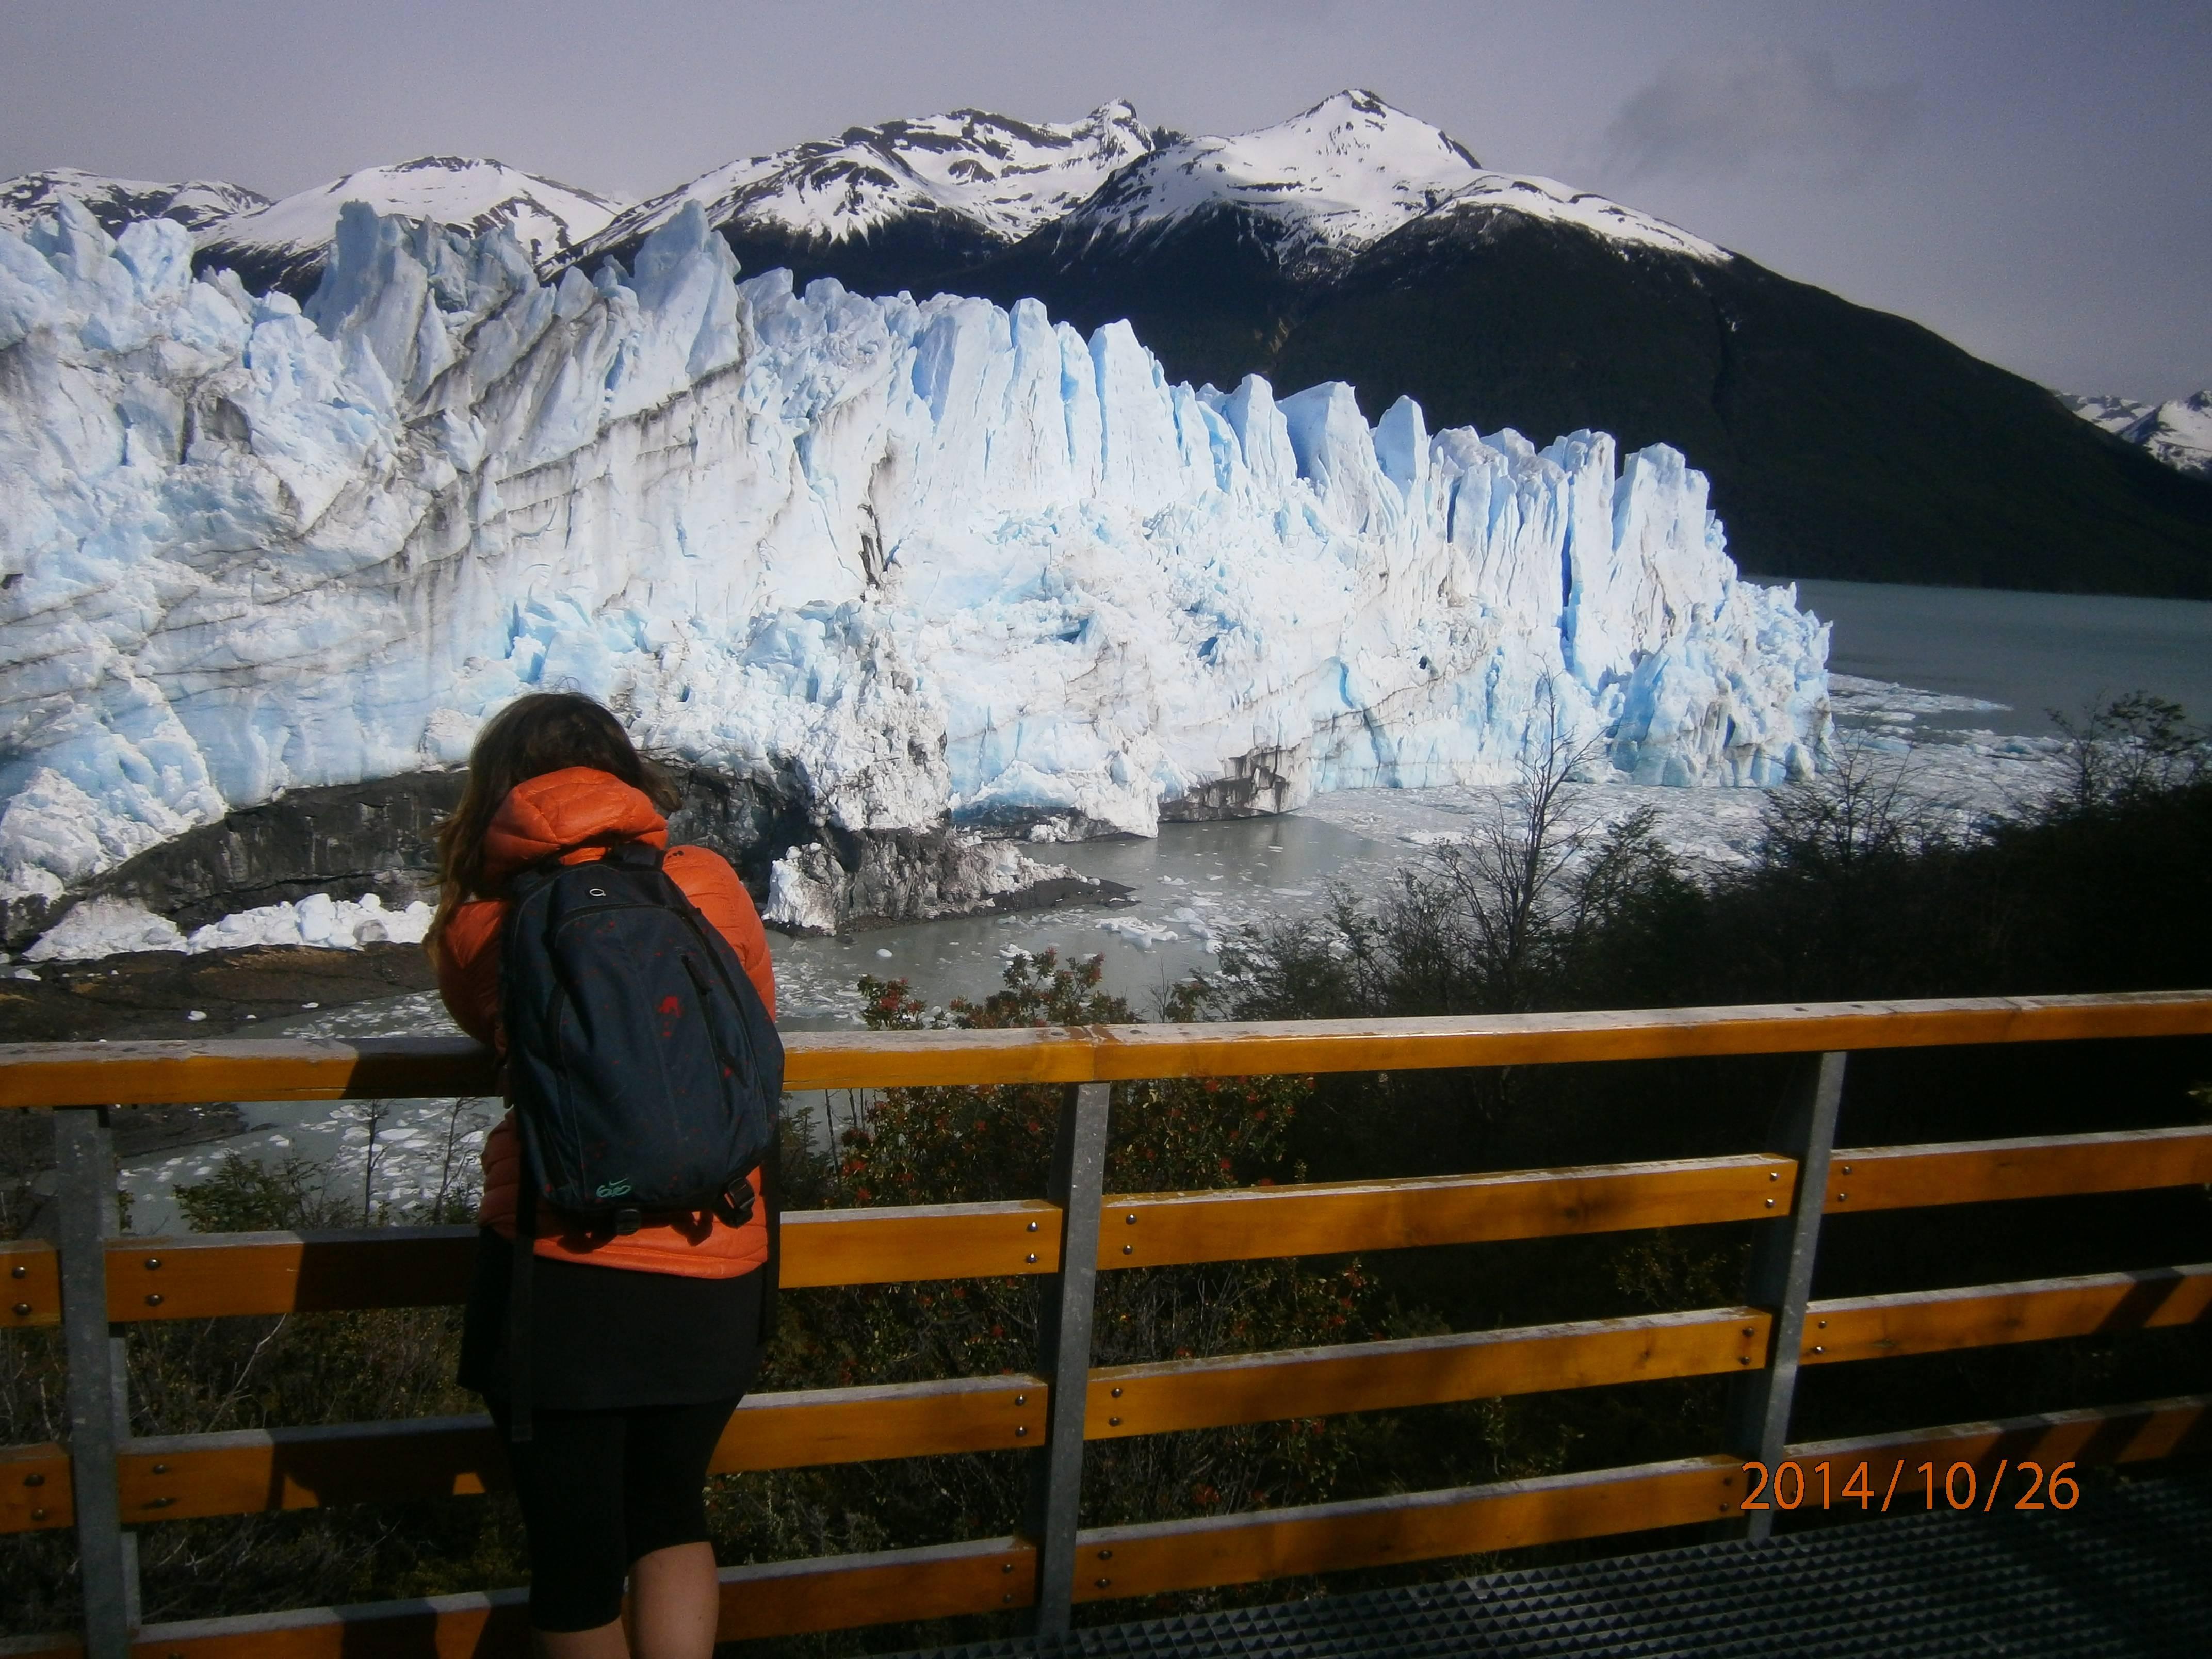 Photo 2: El calafate, glacier Perito Moreno, Sud de l'Argentine